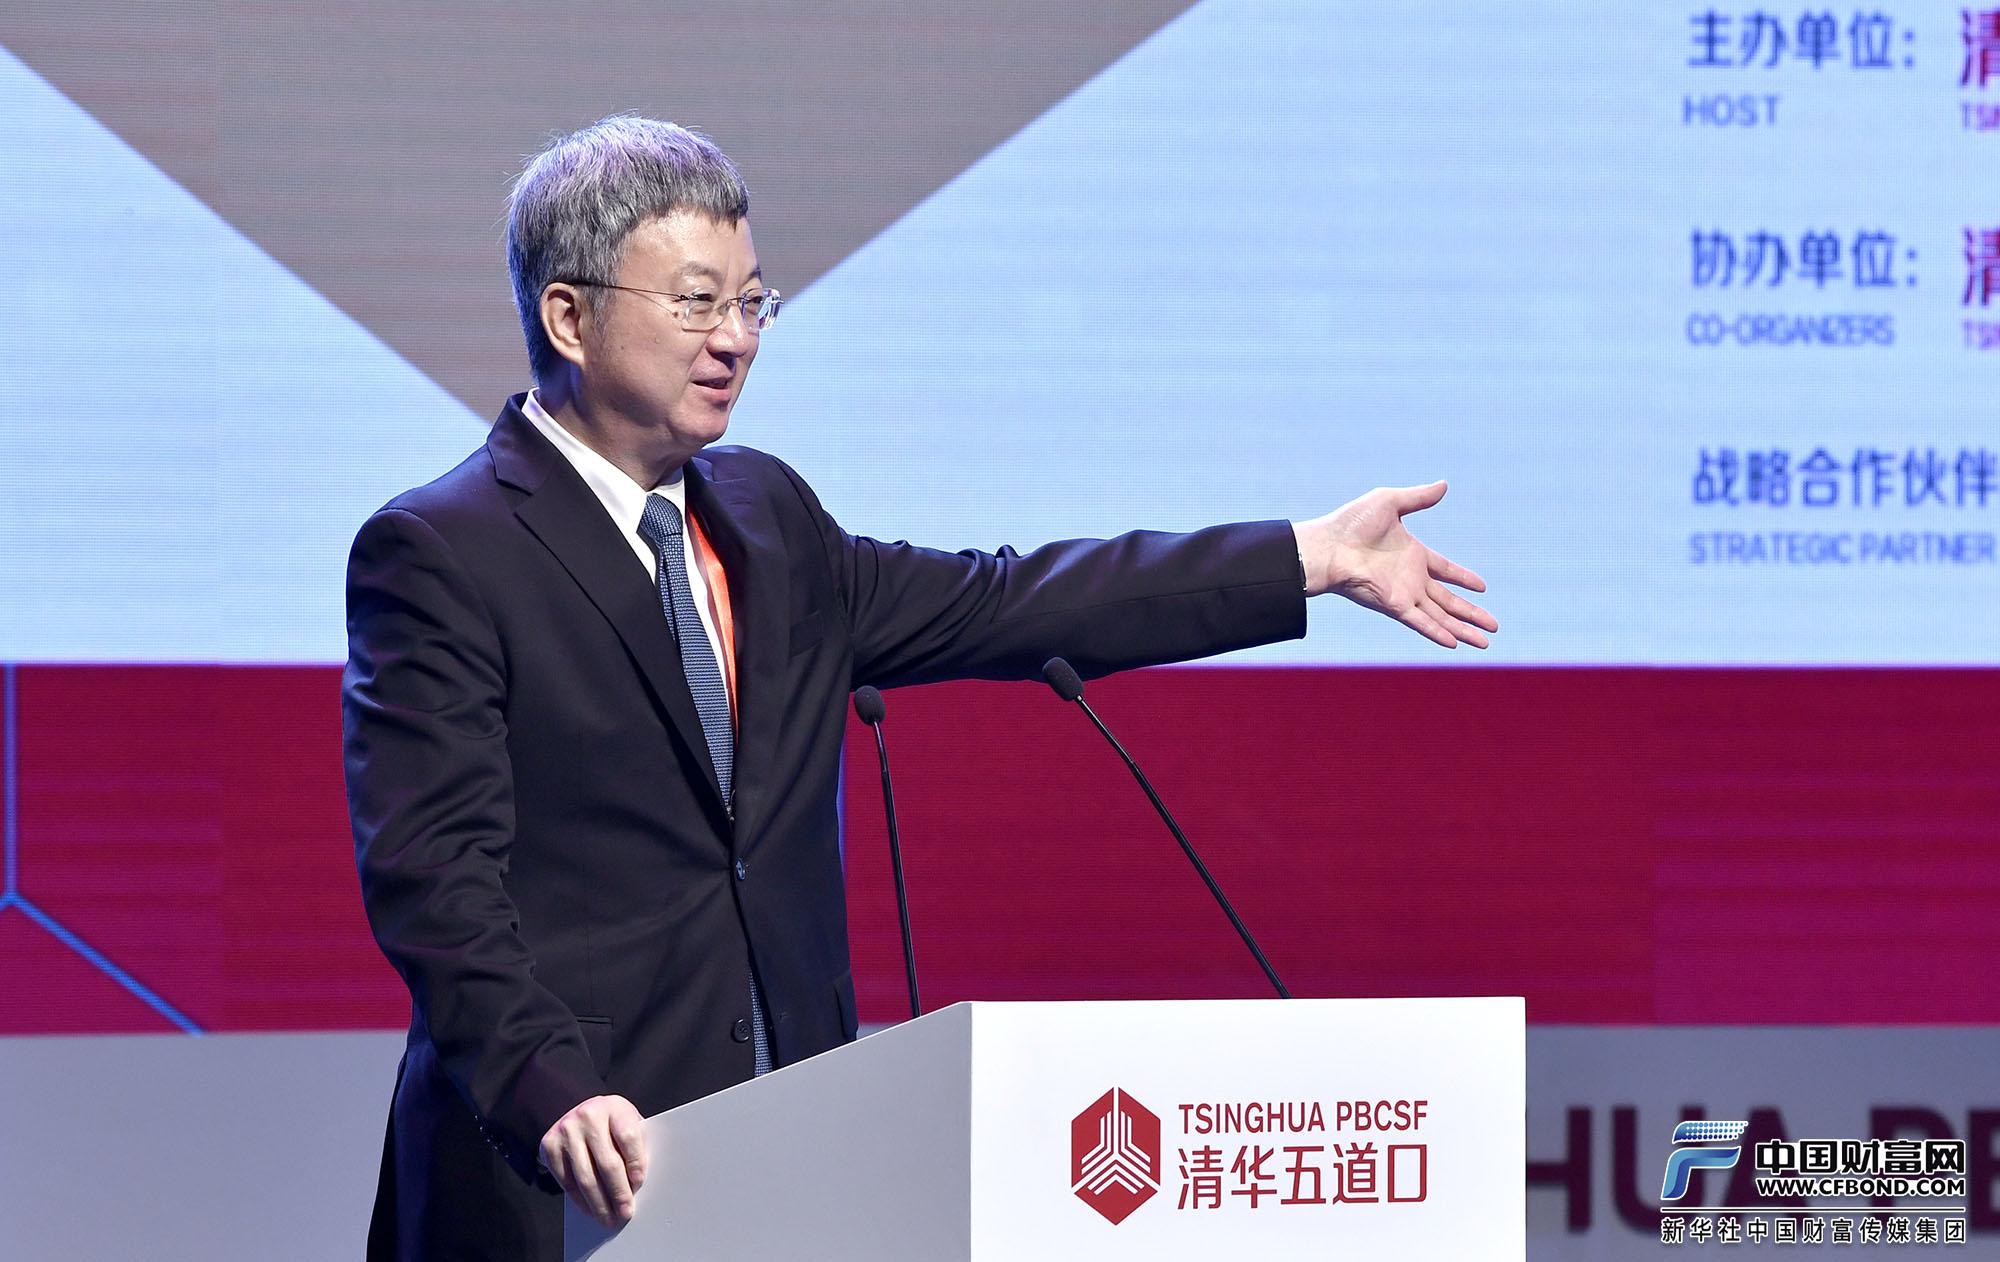 演讲嘉宾:清华大学国家金融研究院院长,国际货币基金组织原副总裁朱民